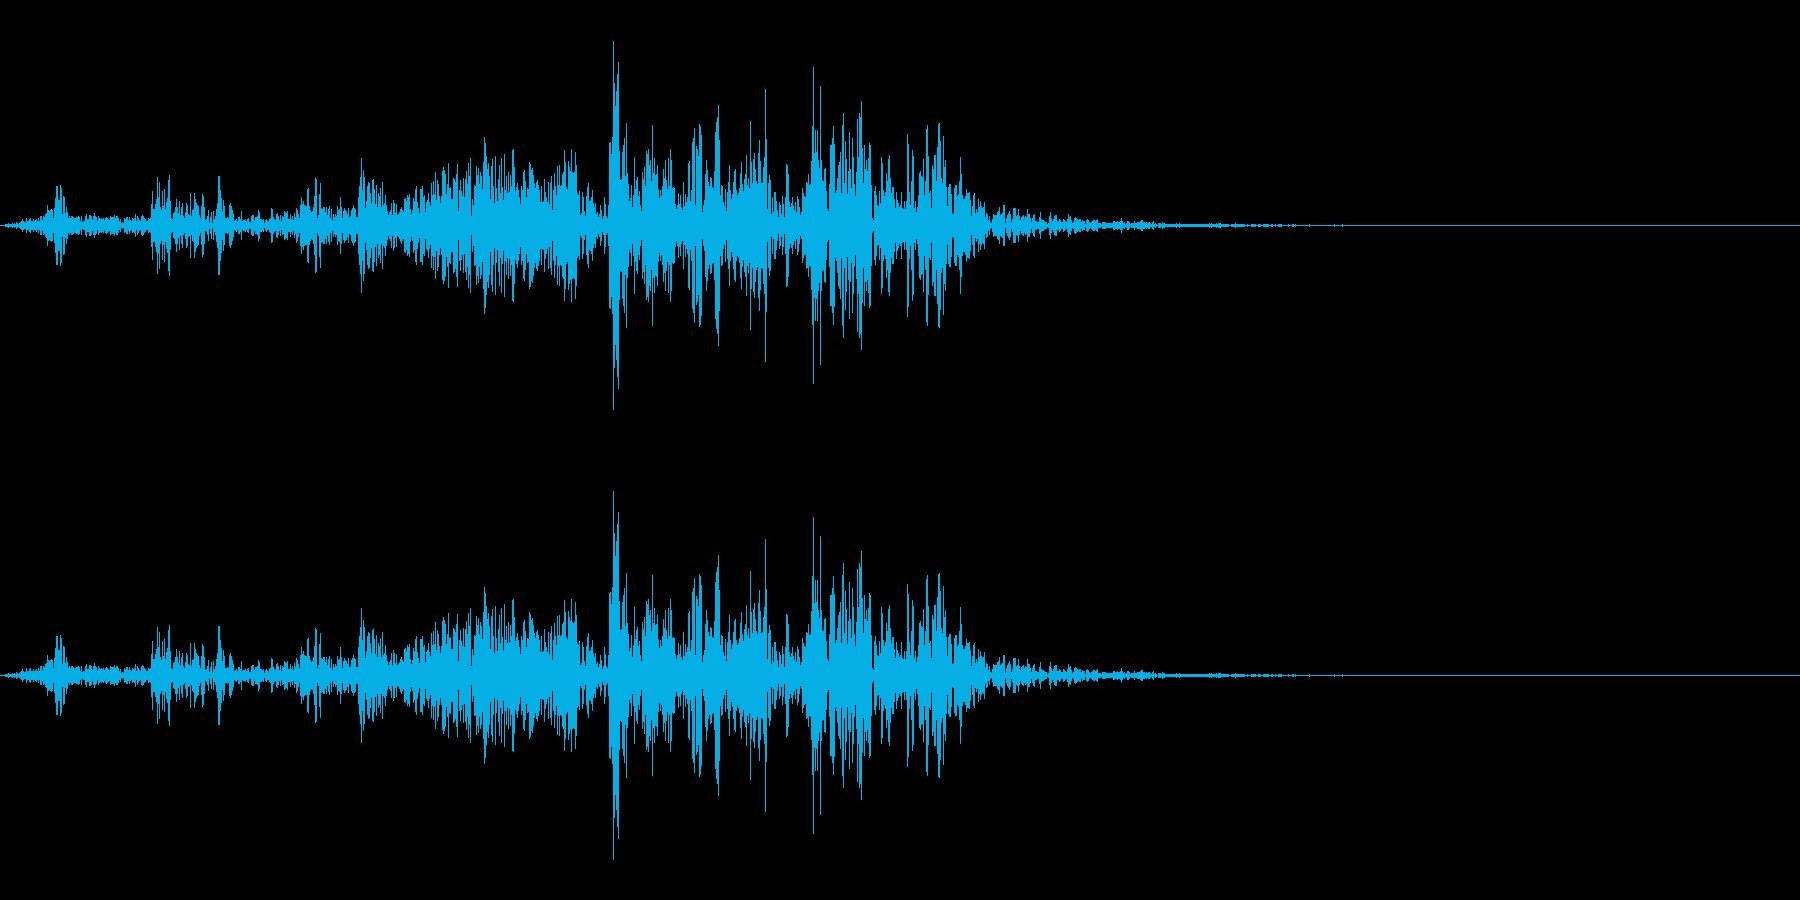 【生録音】本のページをめくる音 4の再生済みの波形